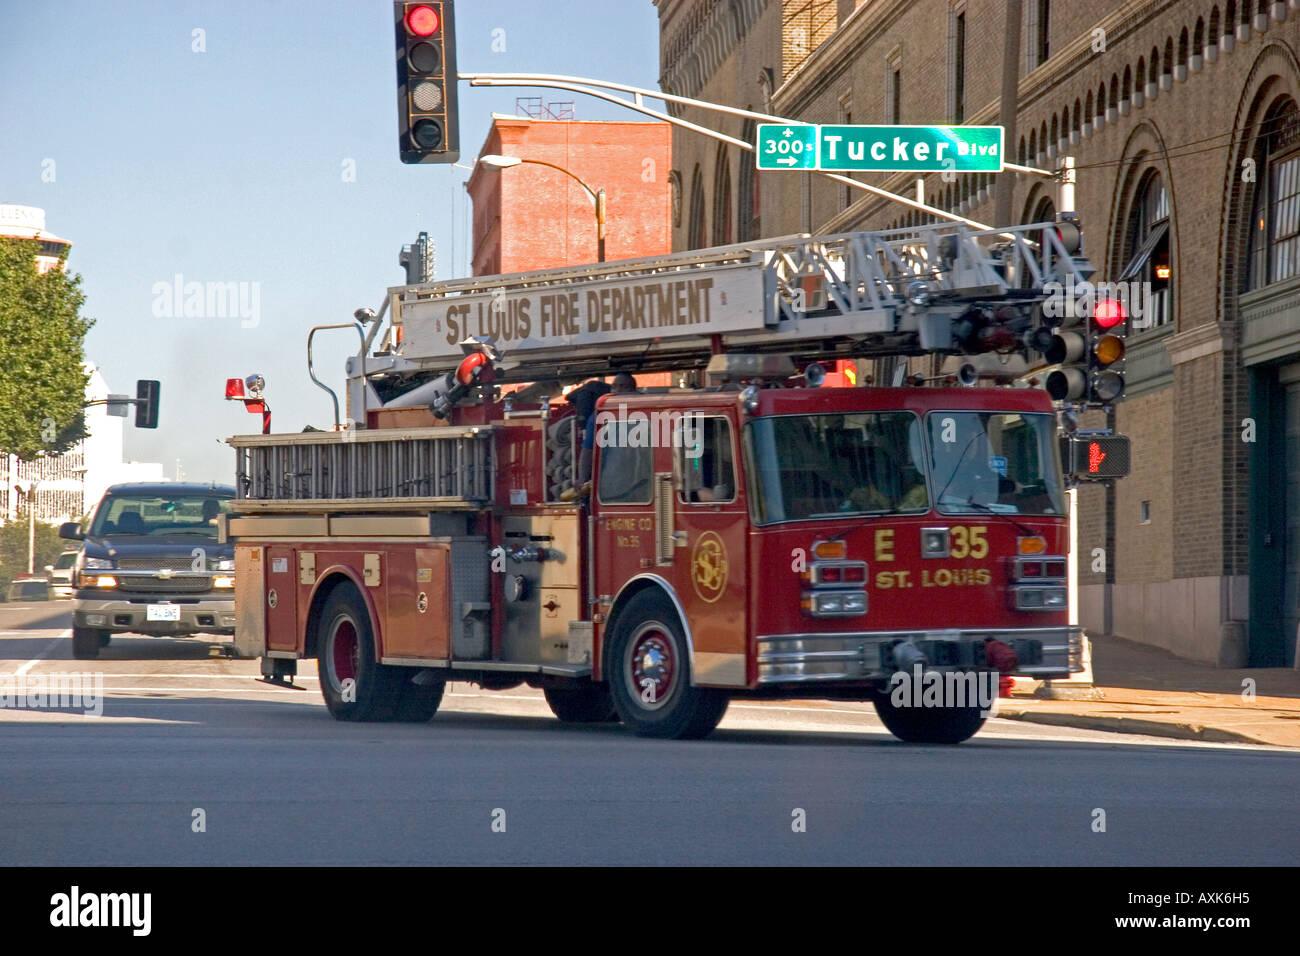 St louis fire department ladder truck fire engine missouri